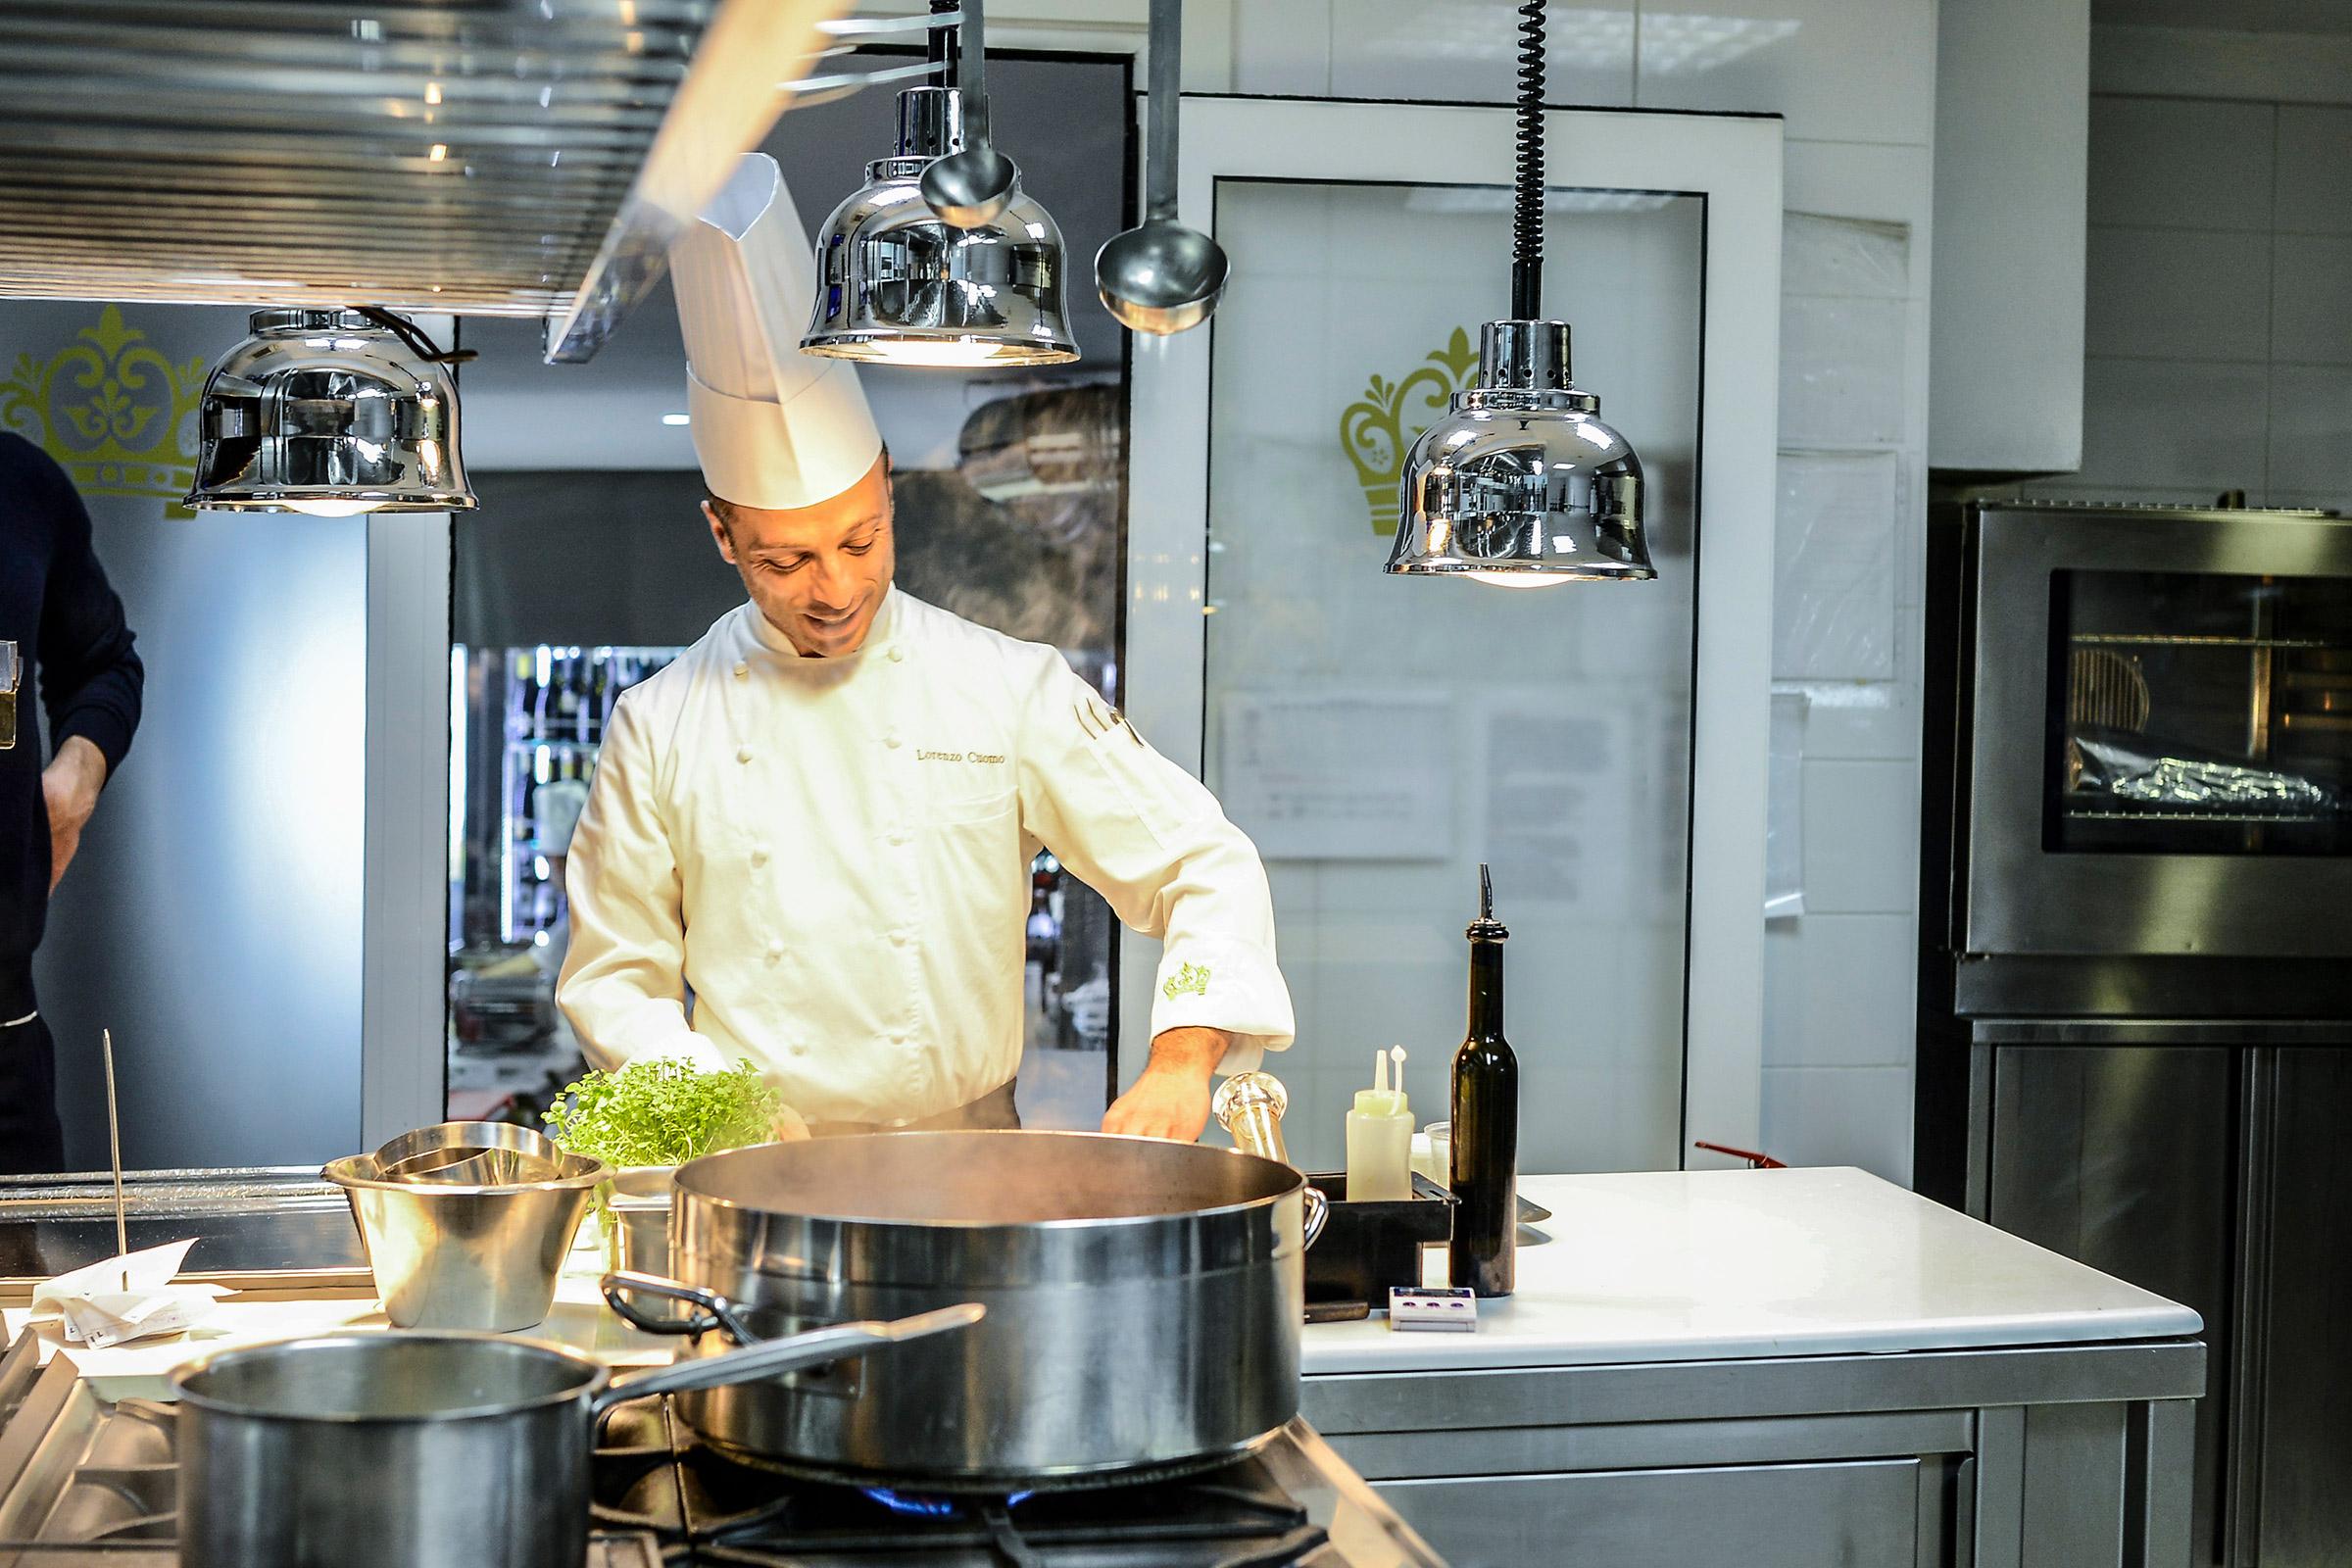 Chateaubriand in crosta di sale: un piatto per deliziare il palato